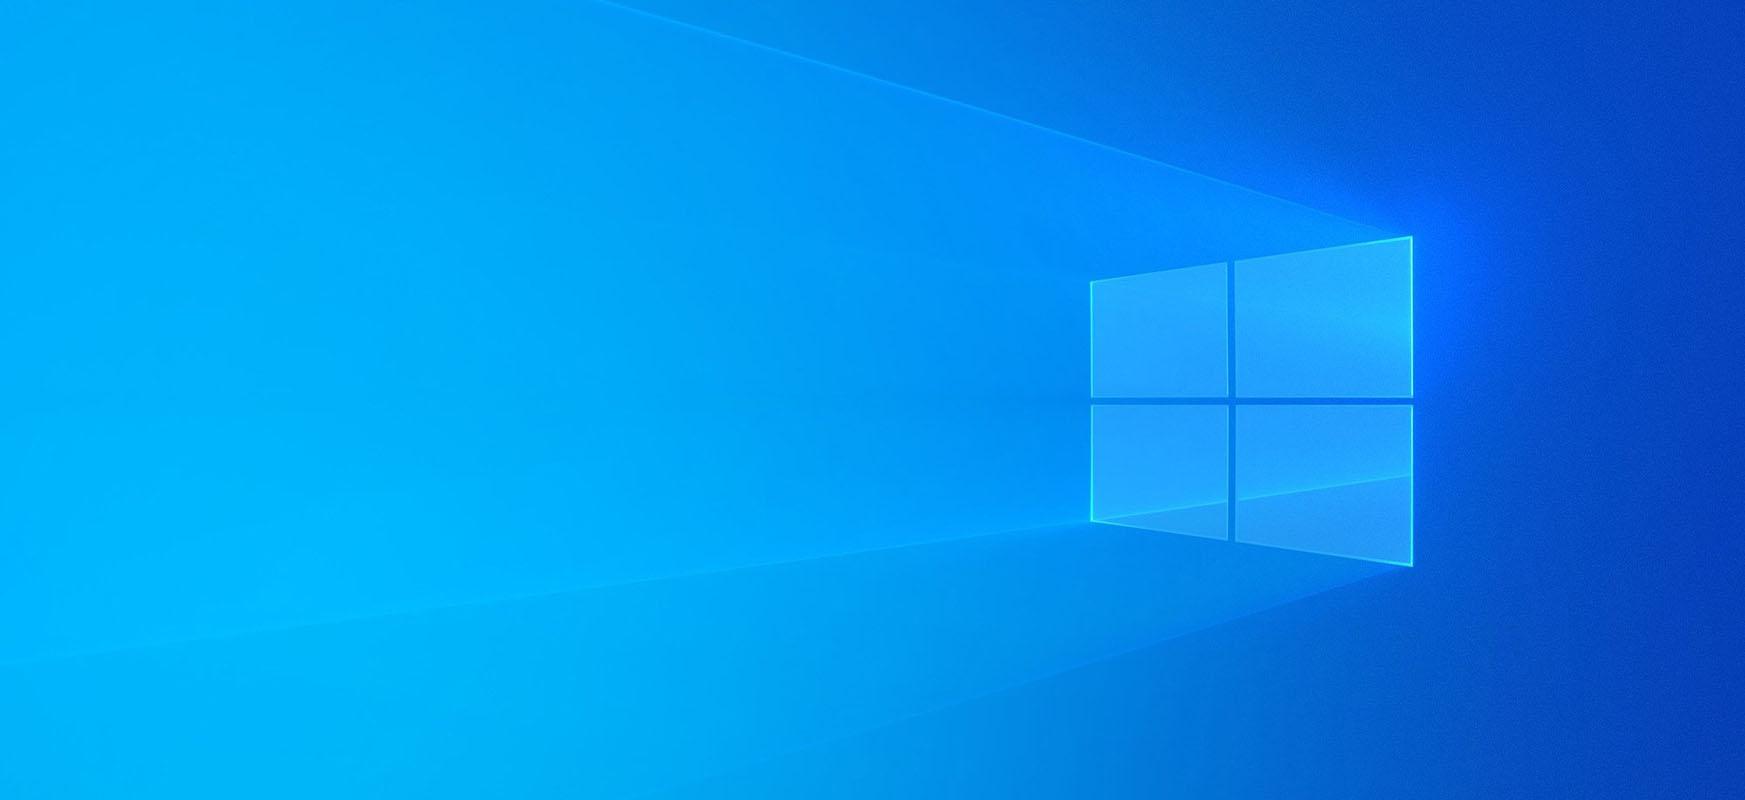 Microsoft konpondu du Windows 10 eta inprimagailuak berriro lanean ari dira.  Zenbaitetan